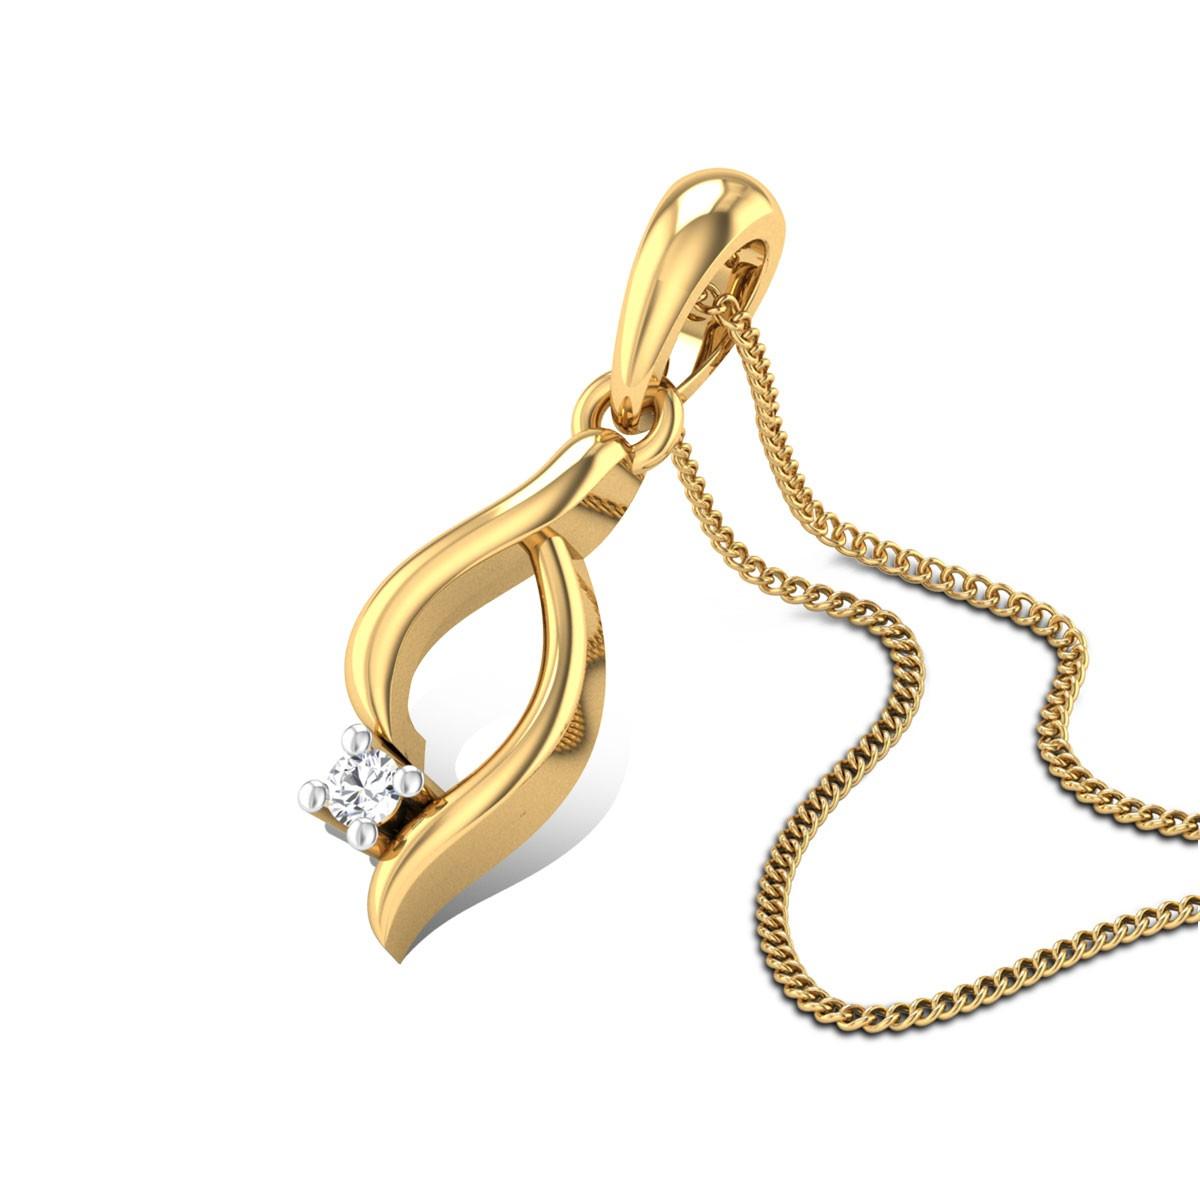 Iris Diamond Pendant